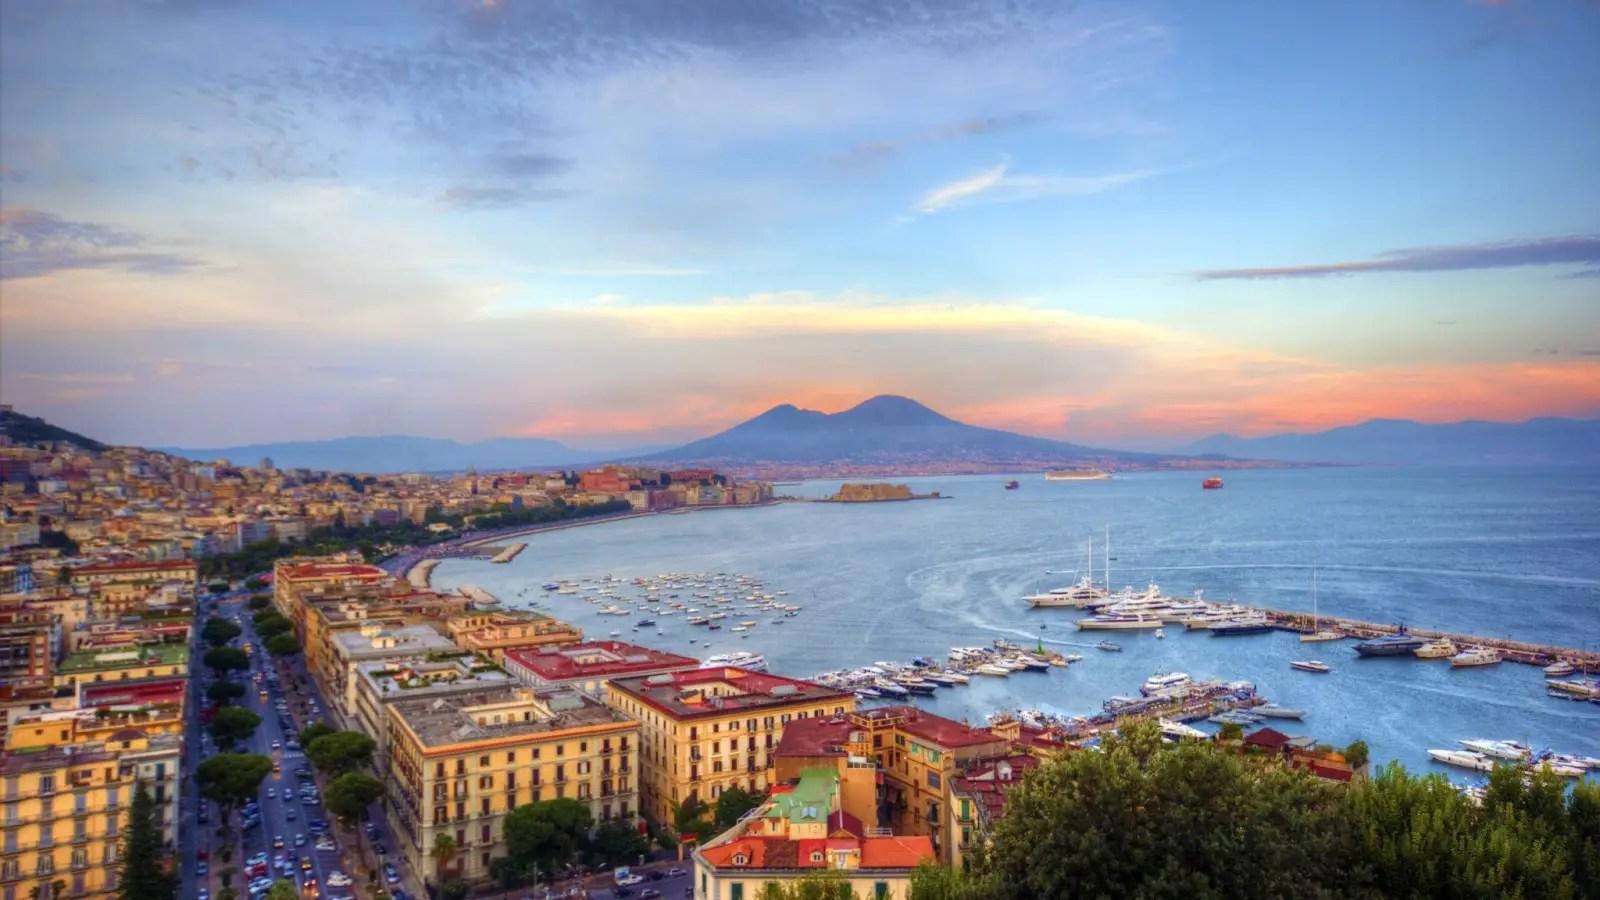 Resultado de imagen de Napoli golfo